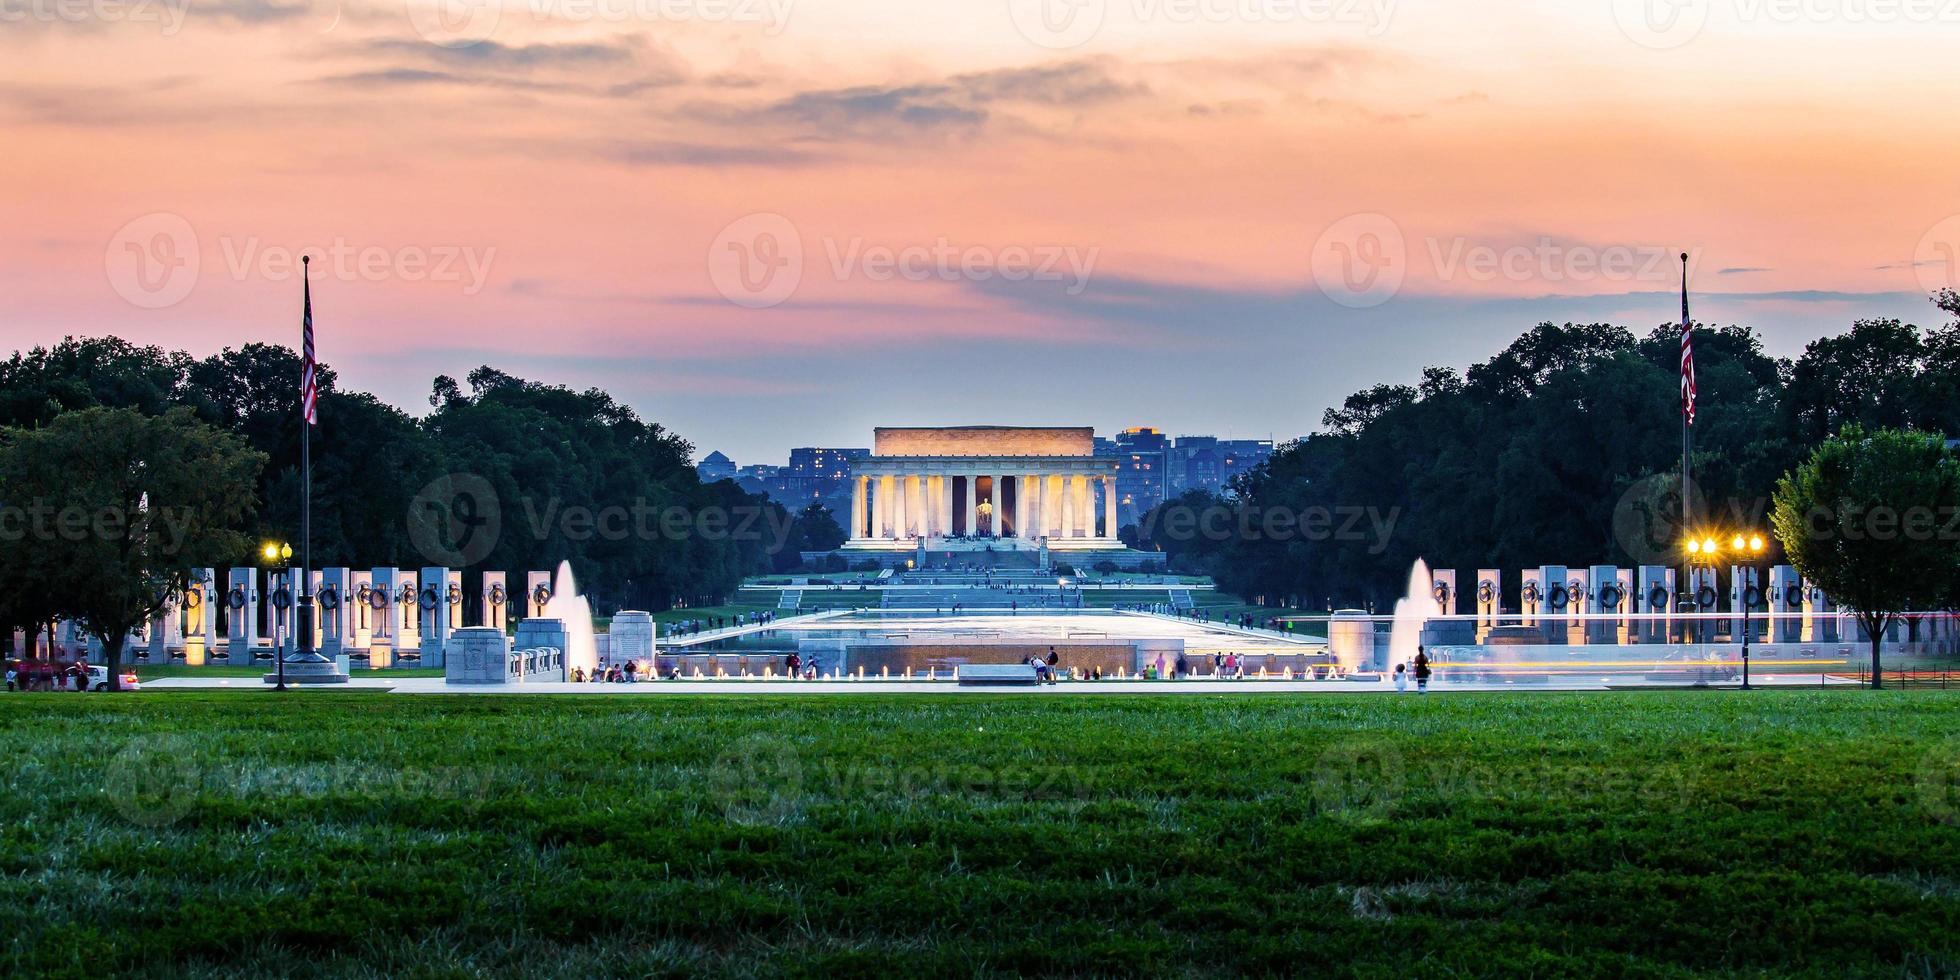 Lincoln Memorial réfléchi sur la piscine de réflexion au coucher du soleil à Nation Mall, Washington DC, USA. photo